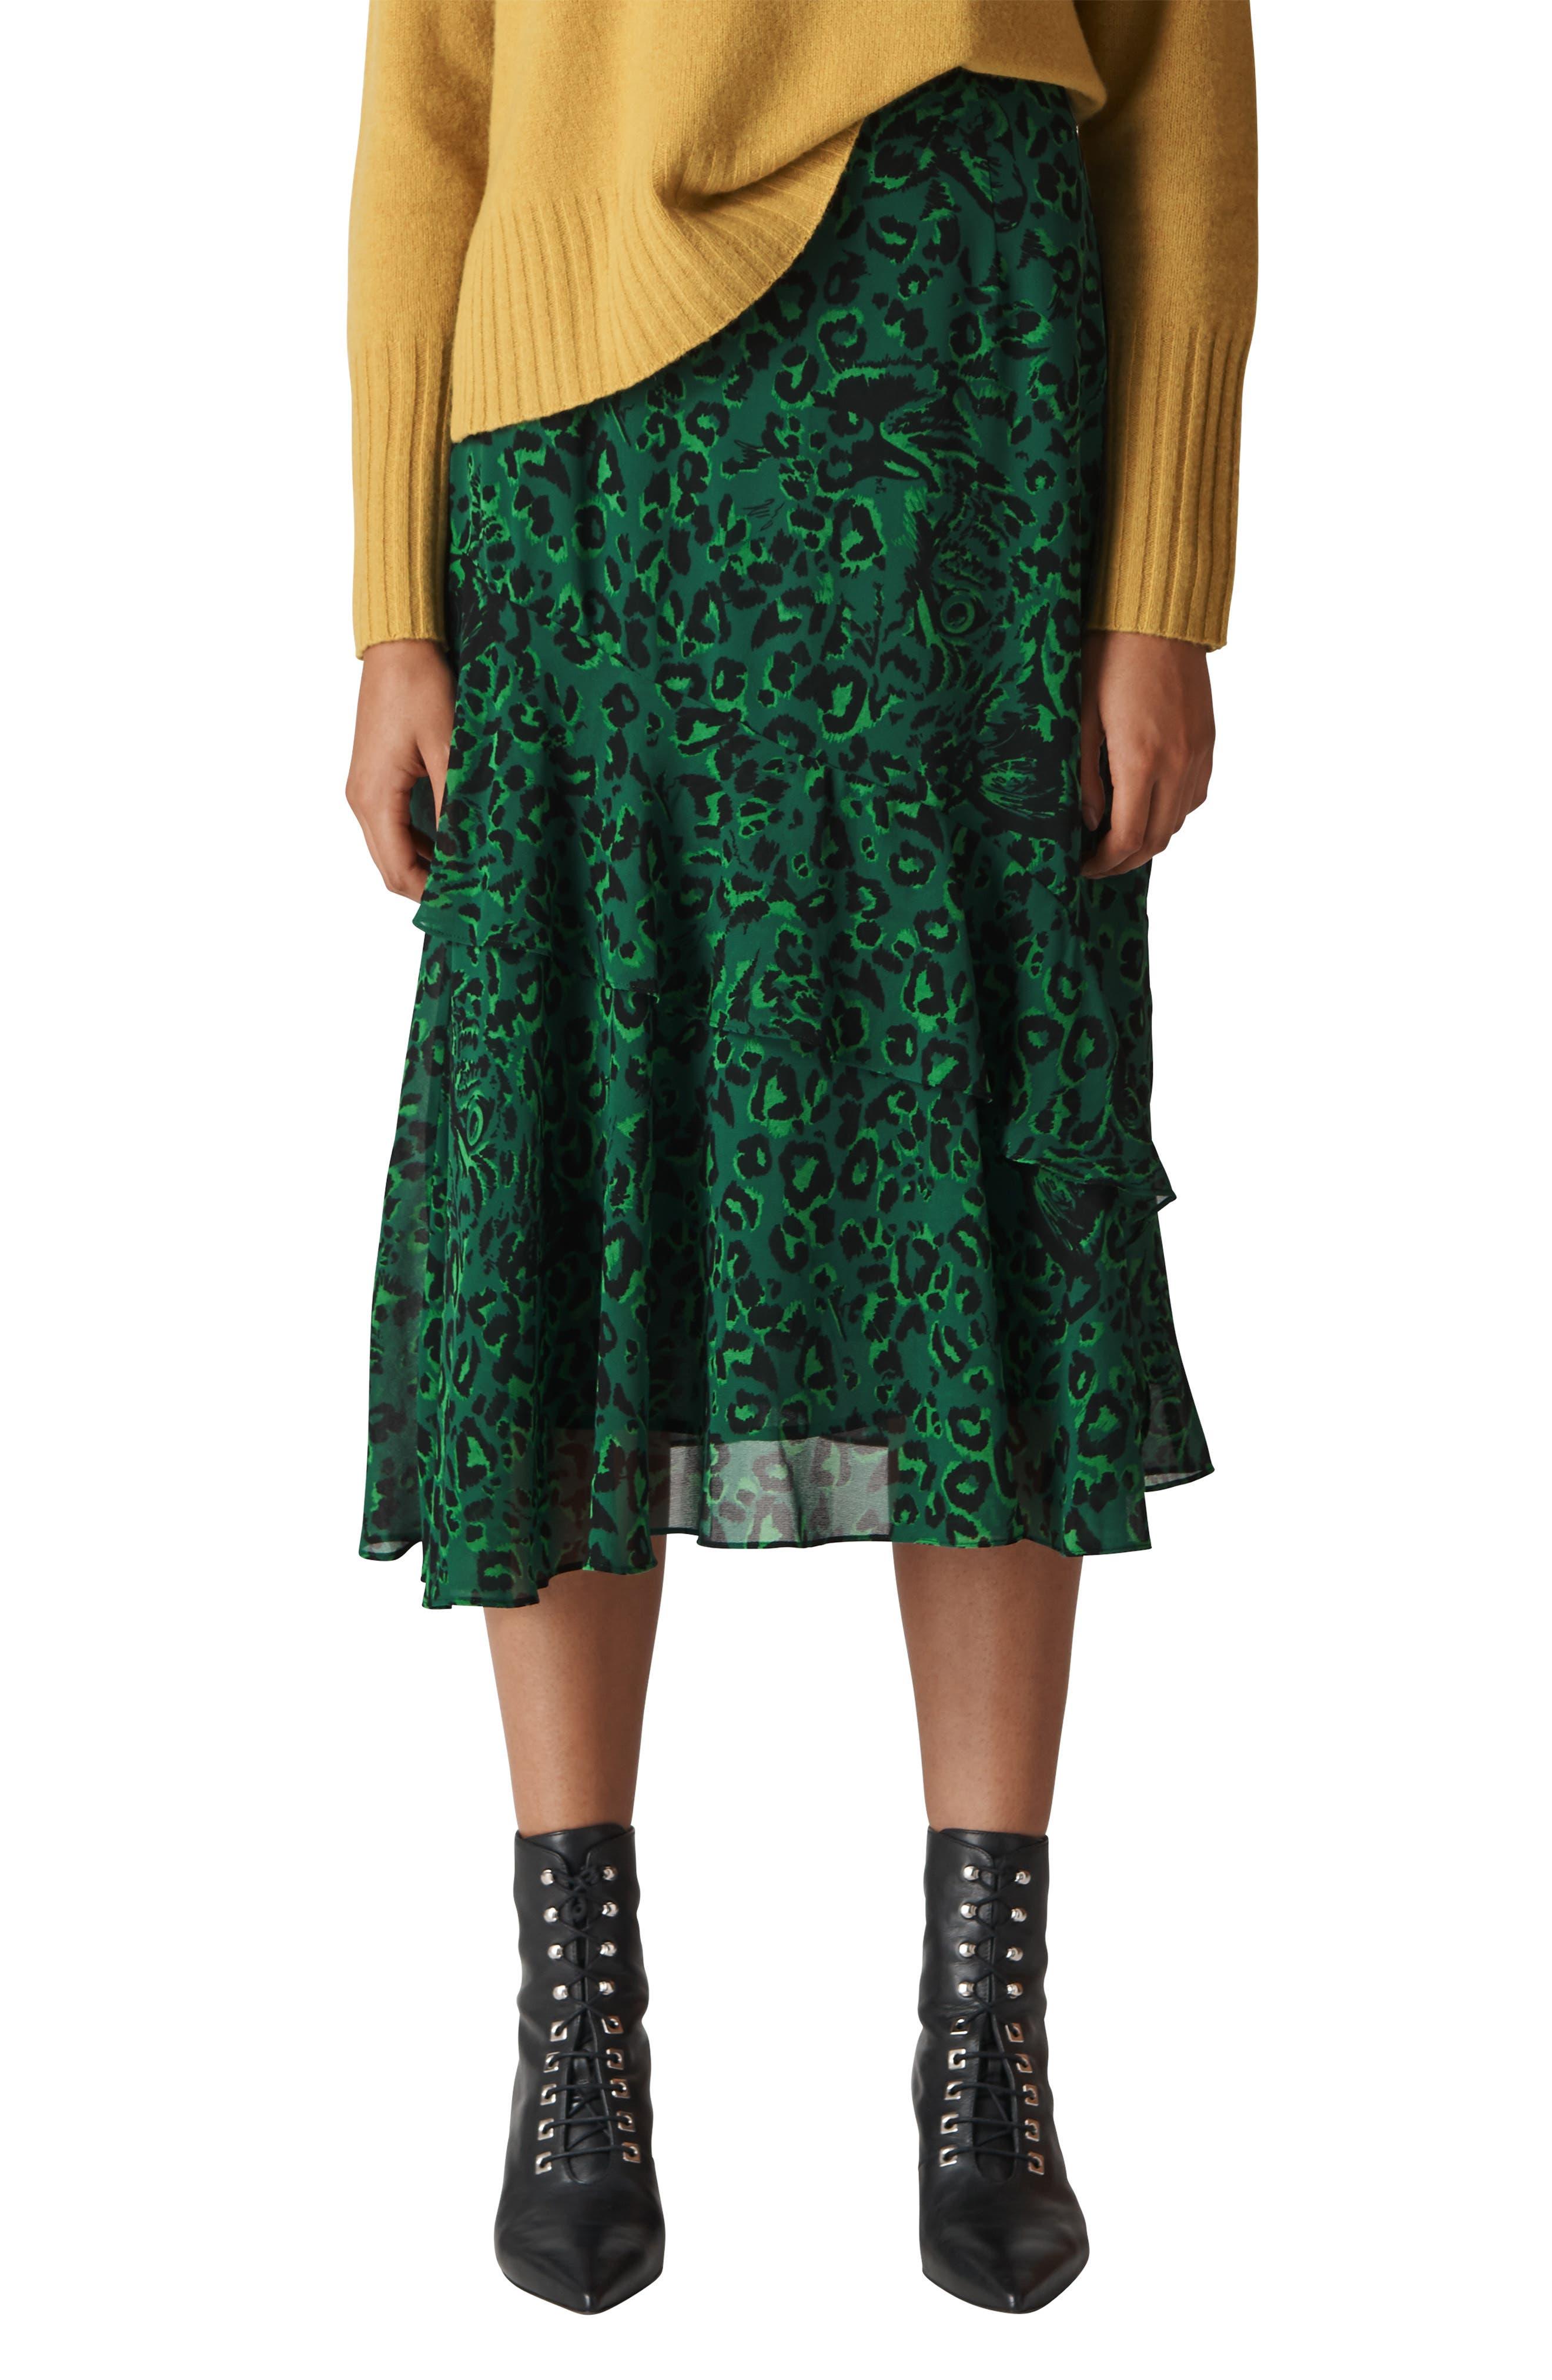 Jungle Cat Printed Skirt in Green/ Multi